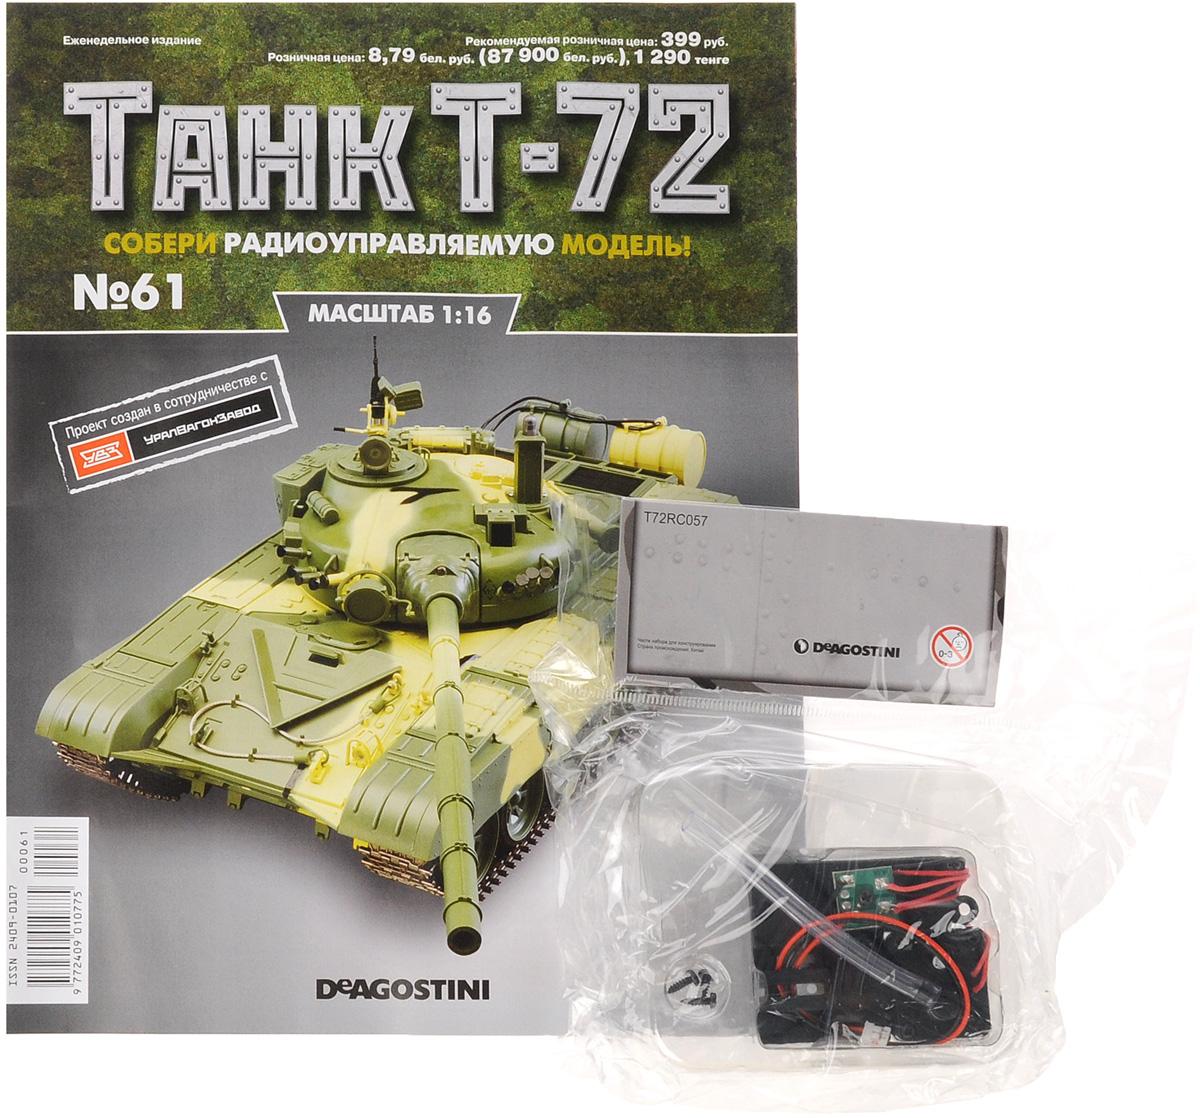 Журнал Танк Т-72 №61TRC061Перед вами - журнал из уникальной серии партворков Танк Т-72 с увлекательной информацией о легендарных боевых машинах и элементами для сборки копии танка Т-72 в уменьшенном варианте 1:16. У вас есть возможность собственноручно создать высококачественную модель этого знаменитого танка с достоверным воспроизведением всех элементов, сохранением функций подлинной боевой машины и дистанционным управлением. В комплекте: 1. Дымогенератор. 2. Винты. Категория 16+.